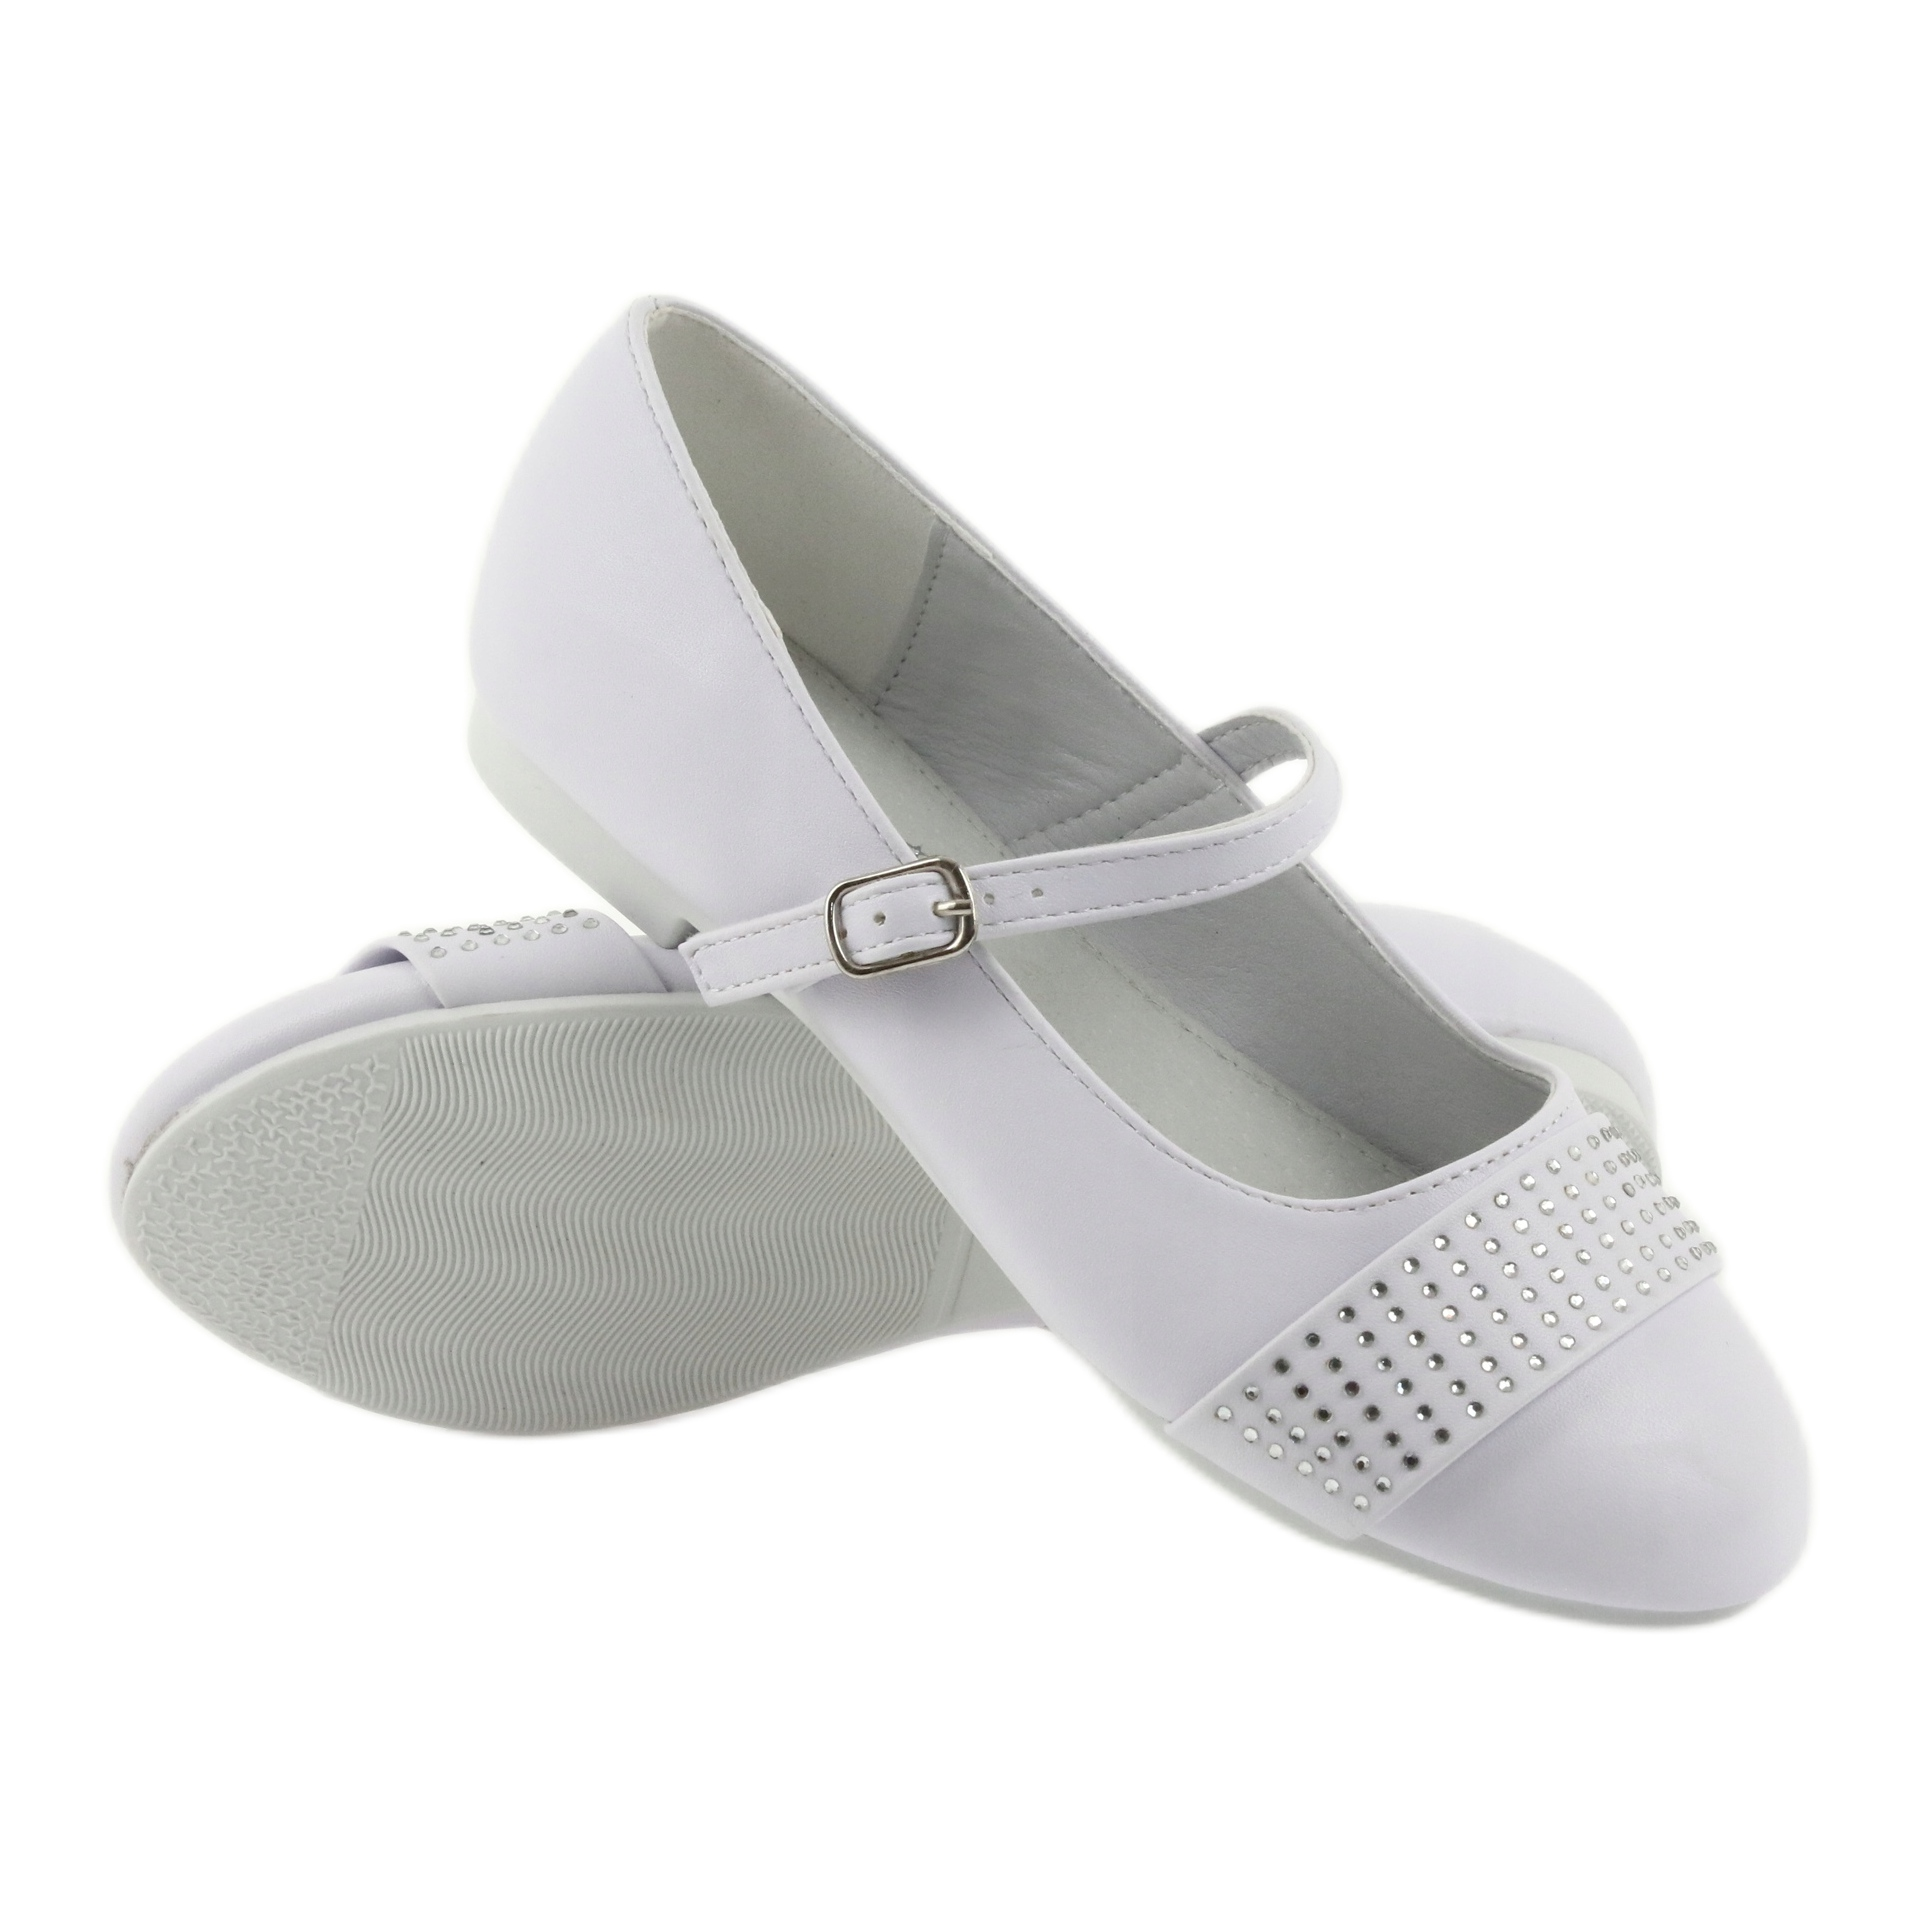 miniatura 4 - Pompe scarpe per bambini Comunione Ballerine strass American Club 11/19 bianco